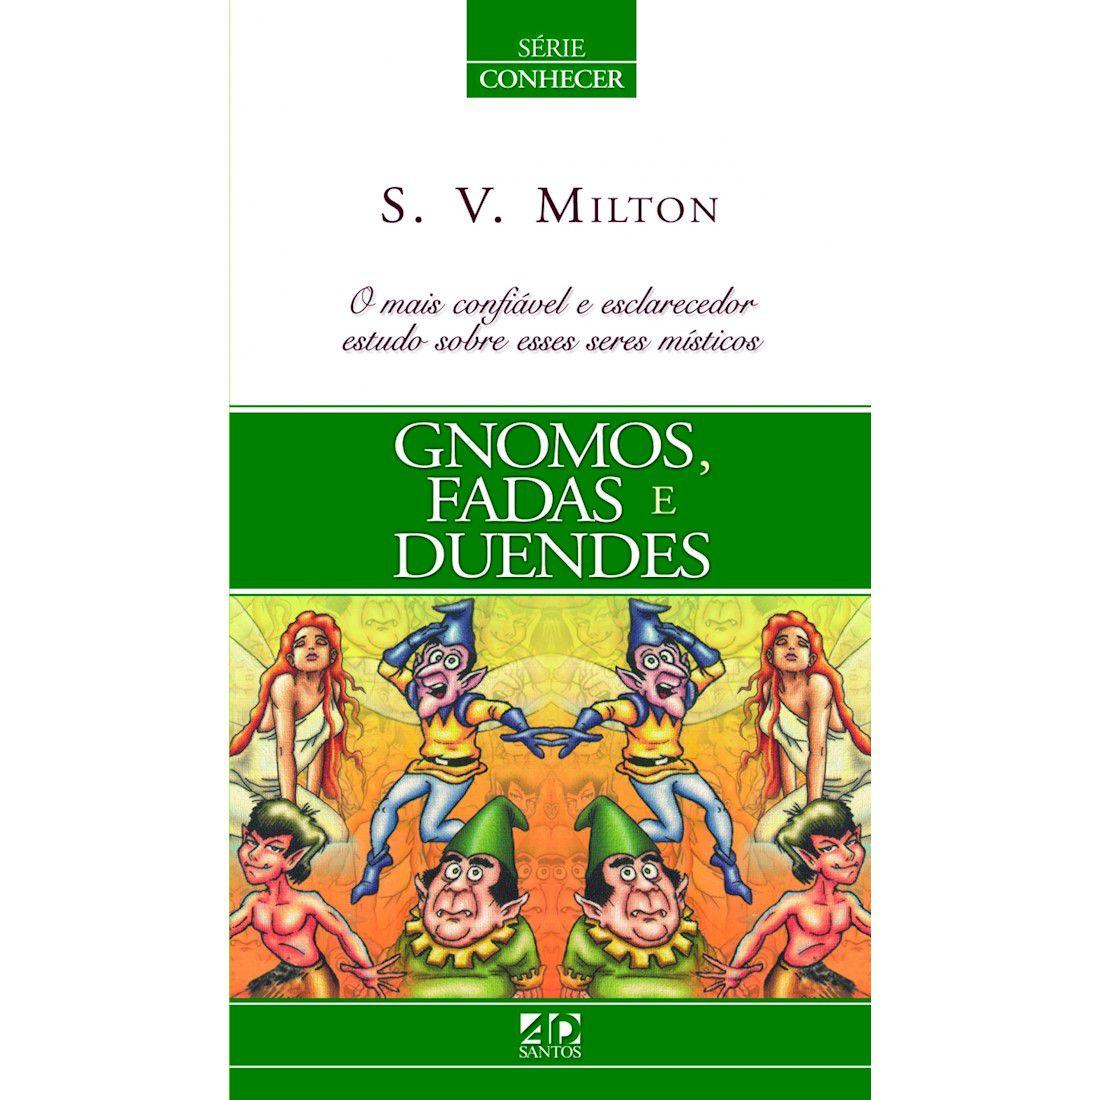 Livro Gnomos, Fadas e Duendes - Série Conhecer